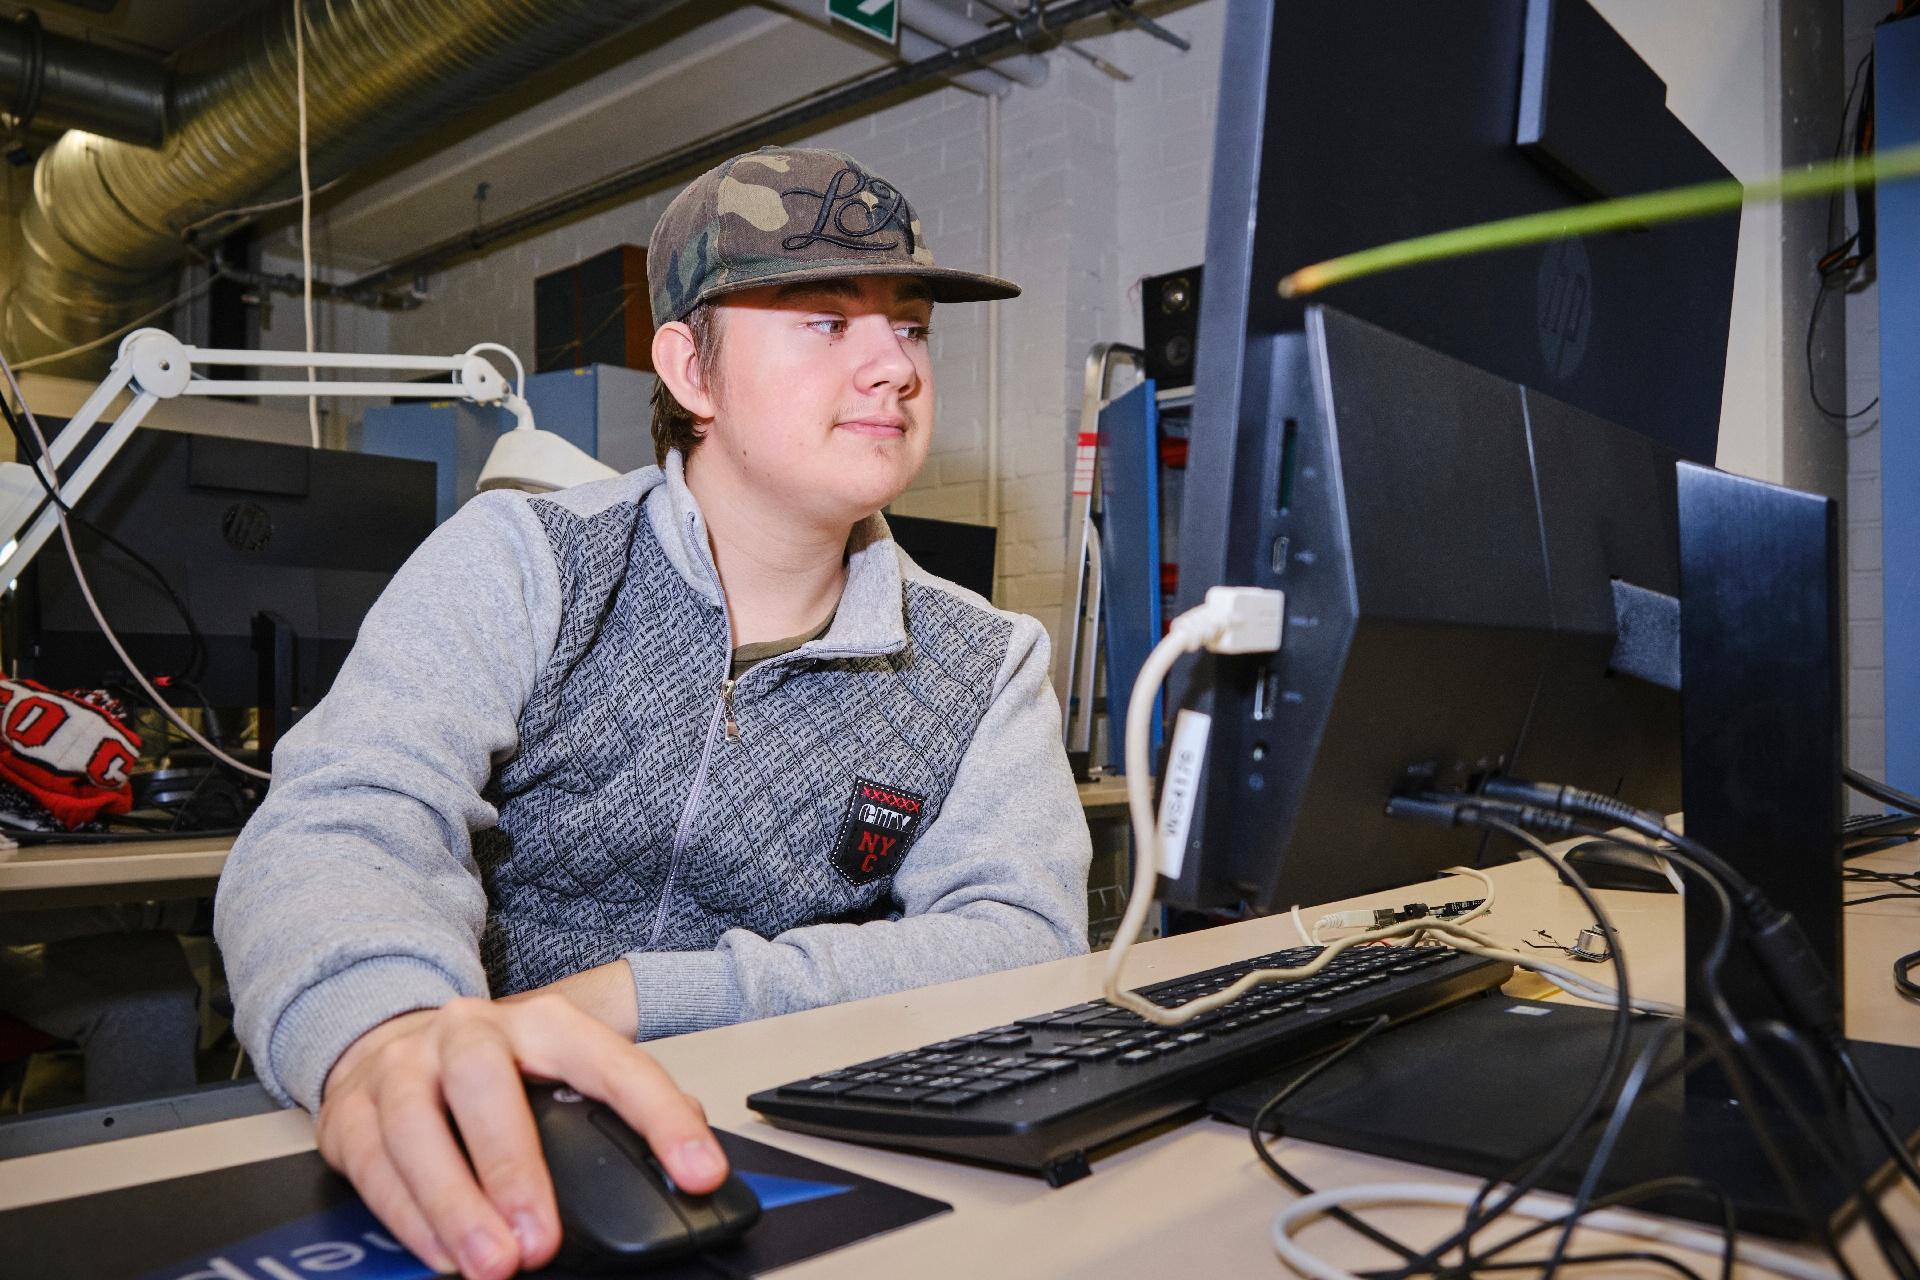 Opiskelija tietokoneella